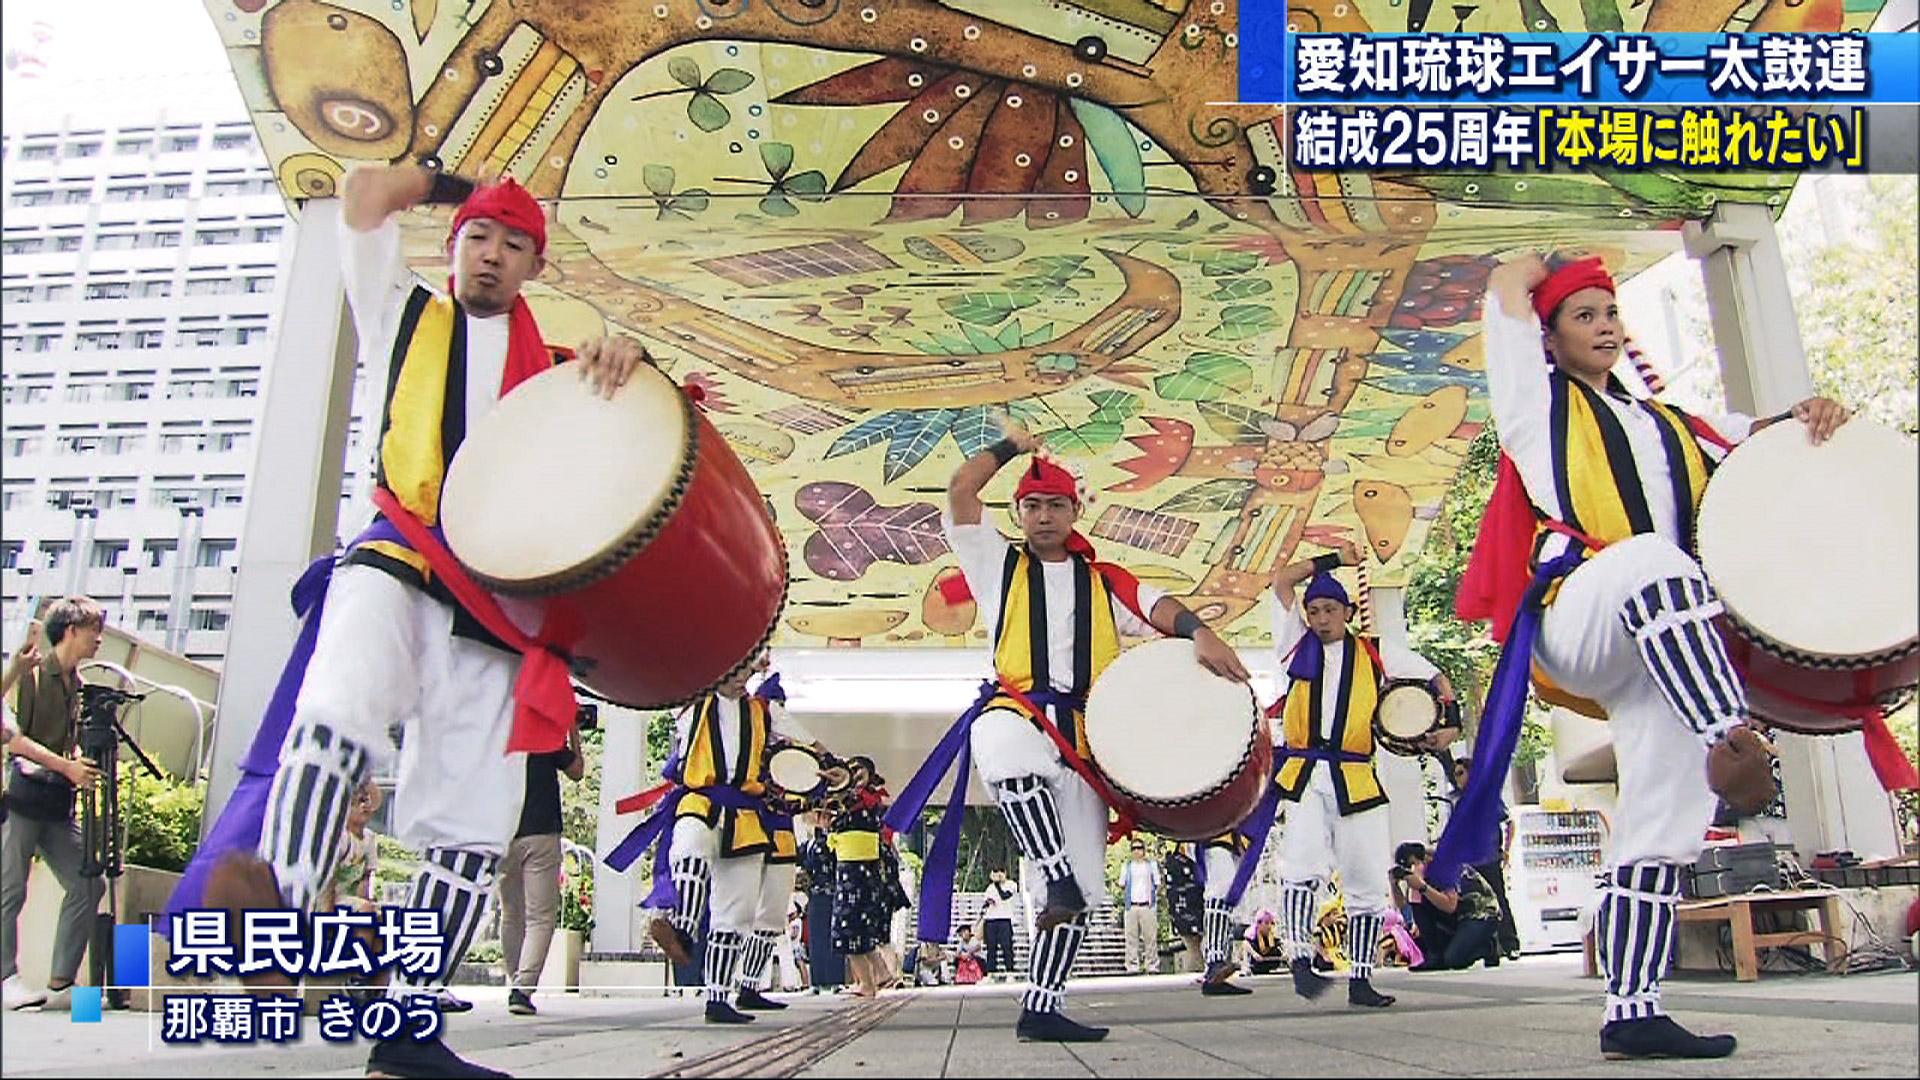 愛知県で活動するエイサー団体が県庁表敬